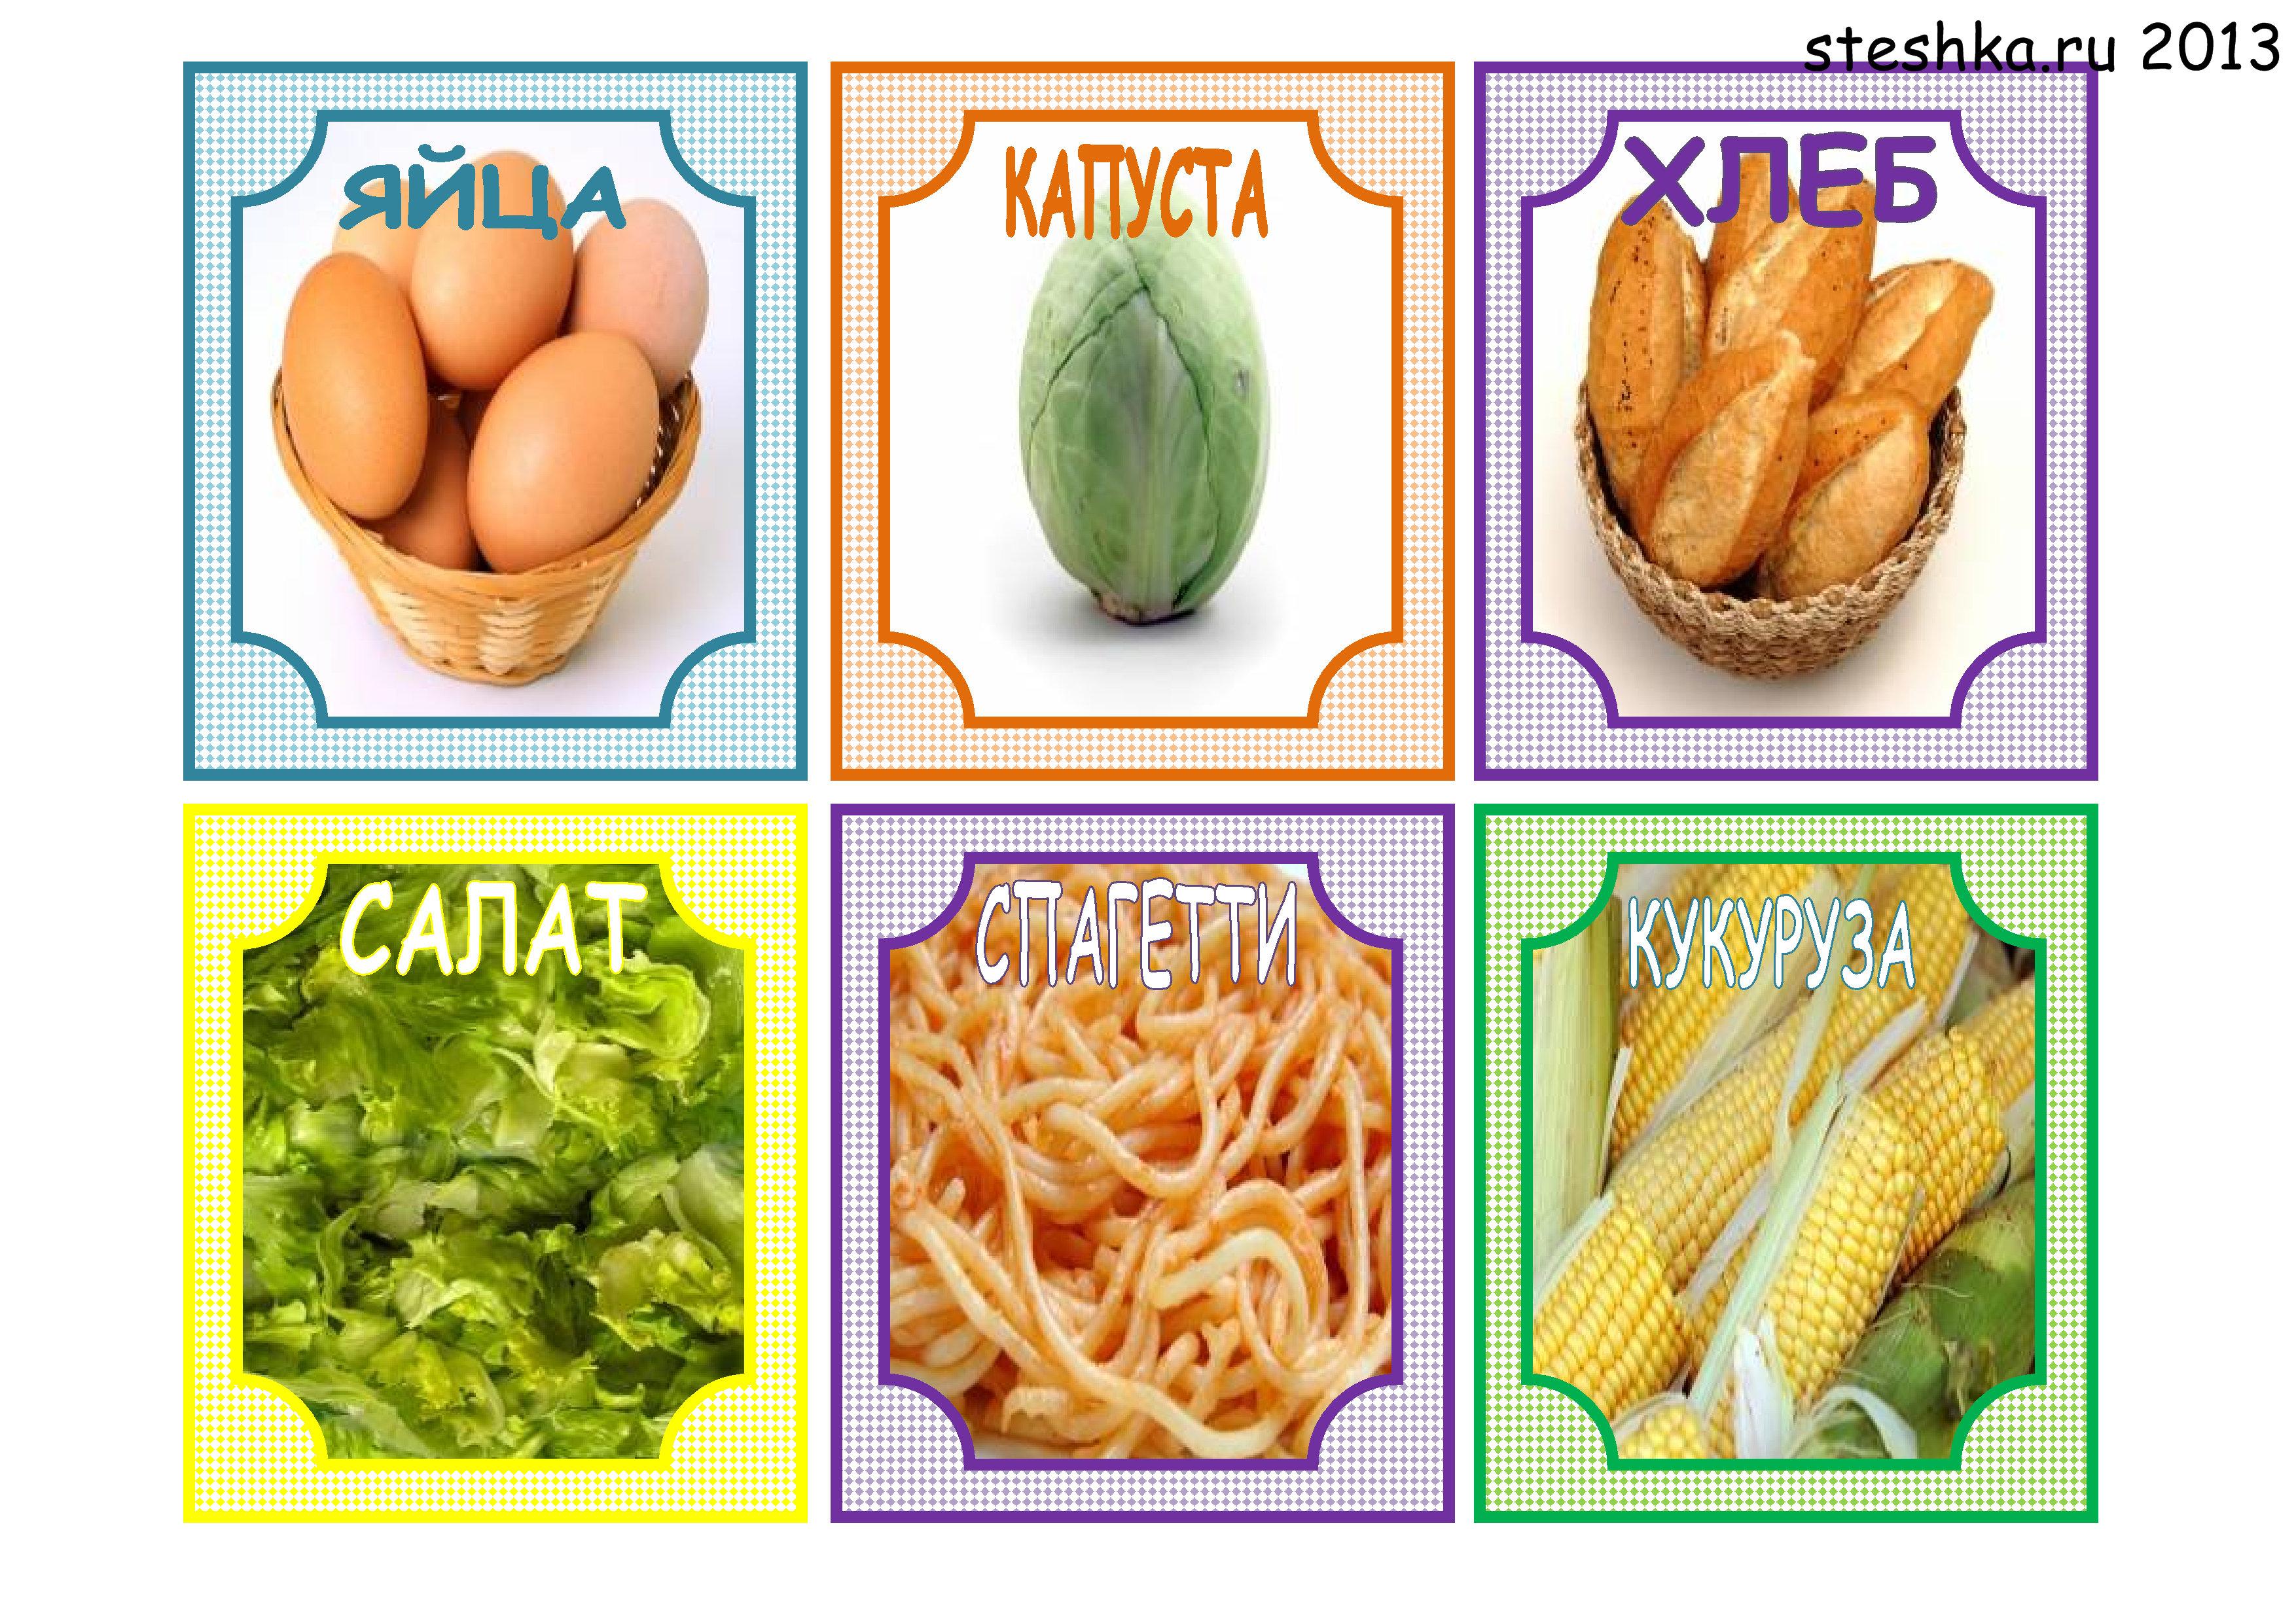 этой статье картинки карточки продукты питания конфликт двое